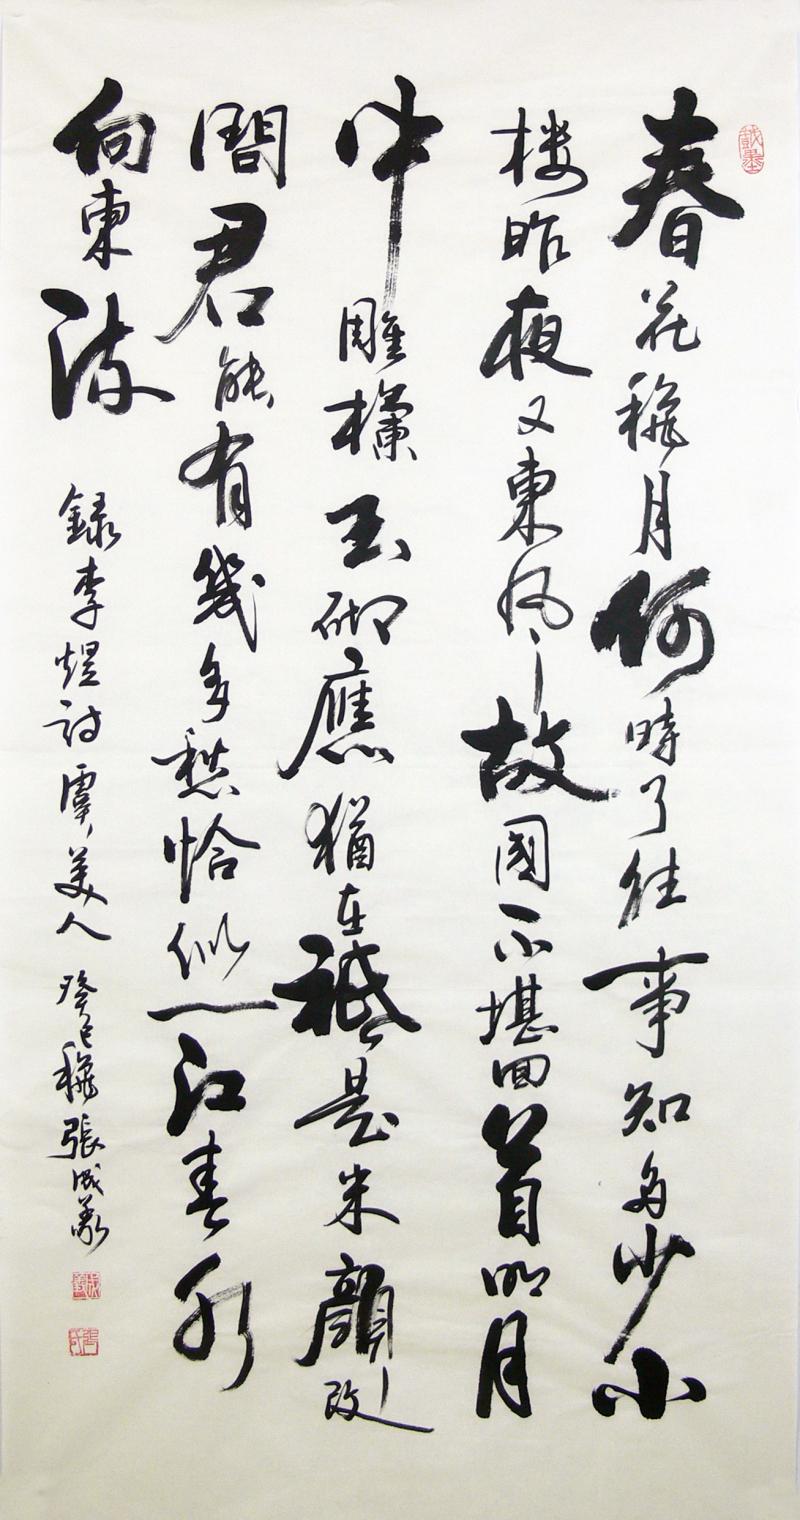 徐州中元书法_张成义 四尺竖幅书法《虞美人》_1号字画网